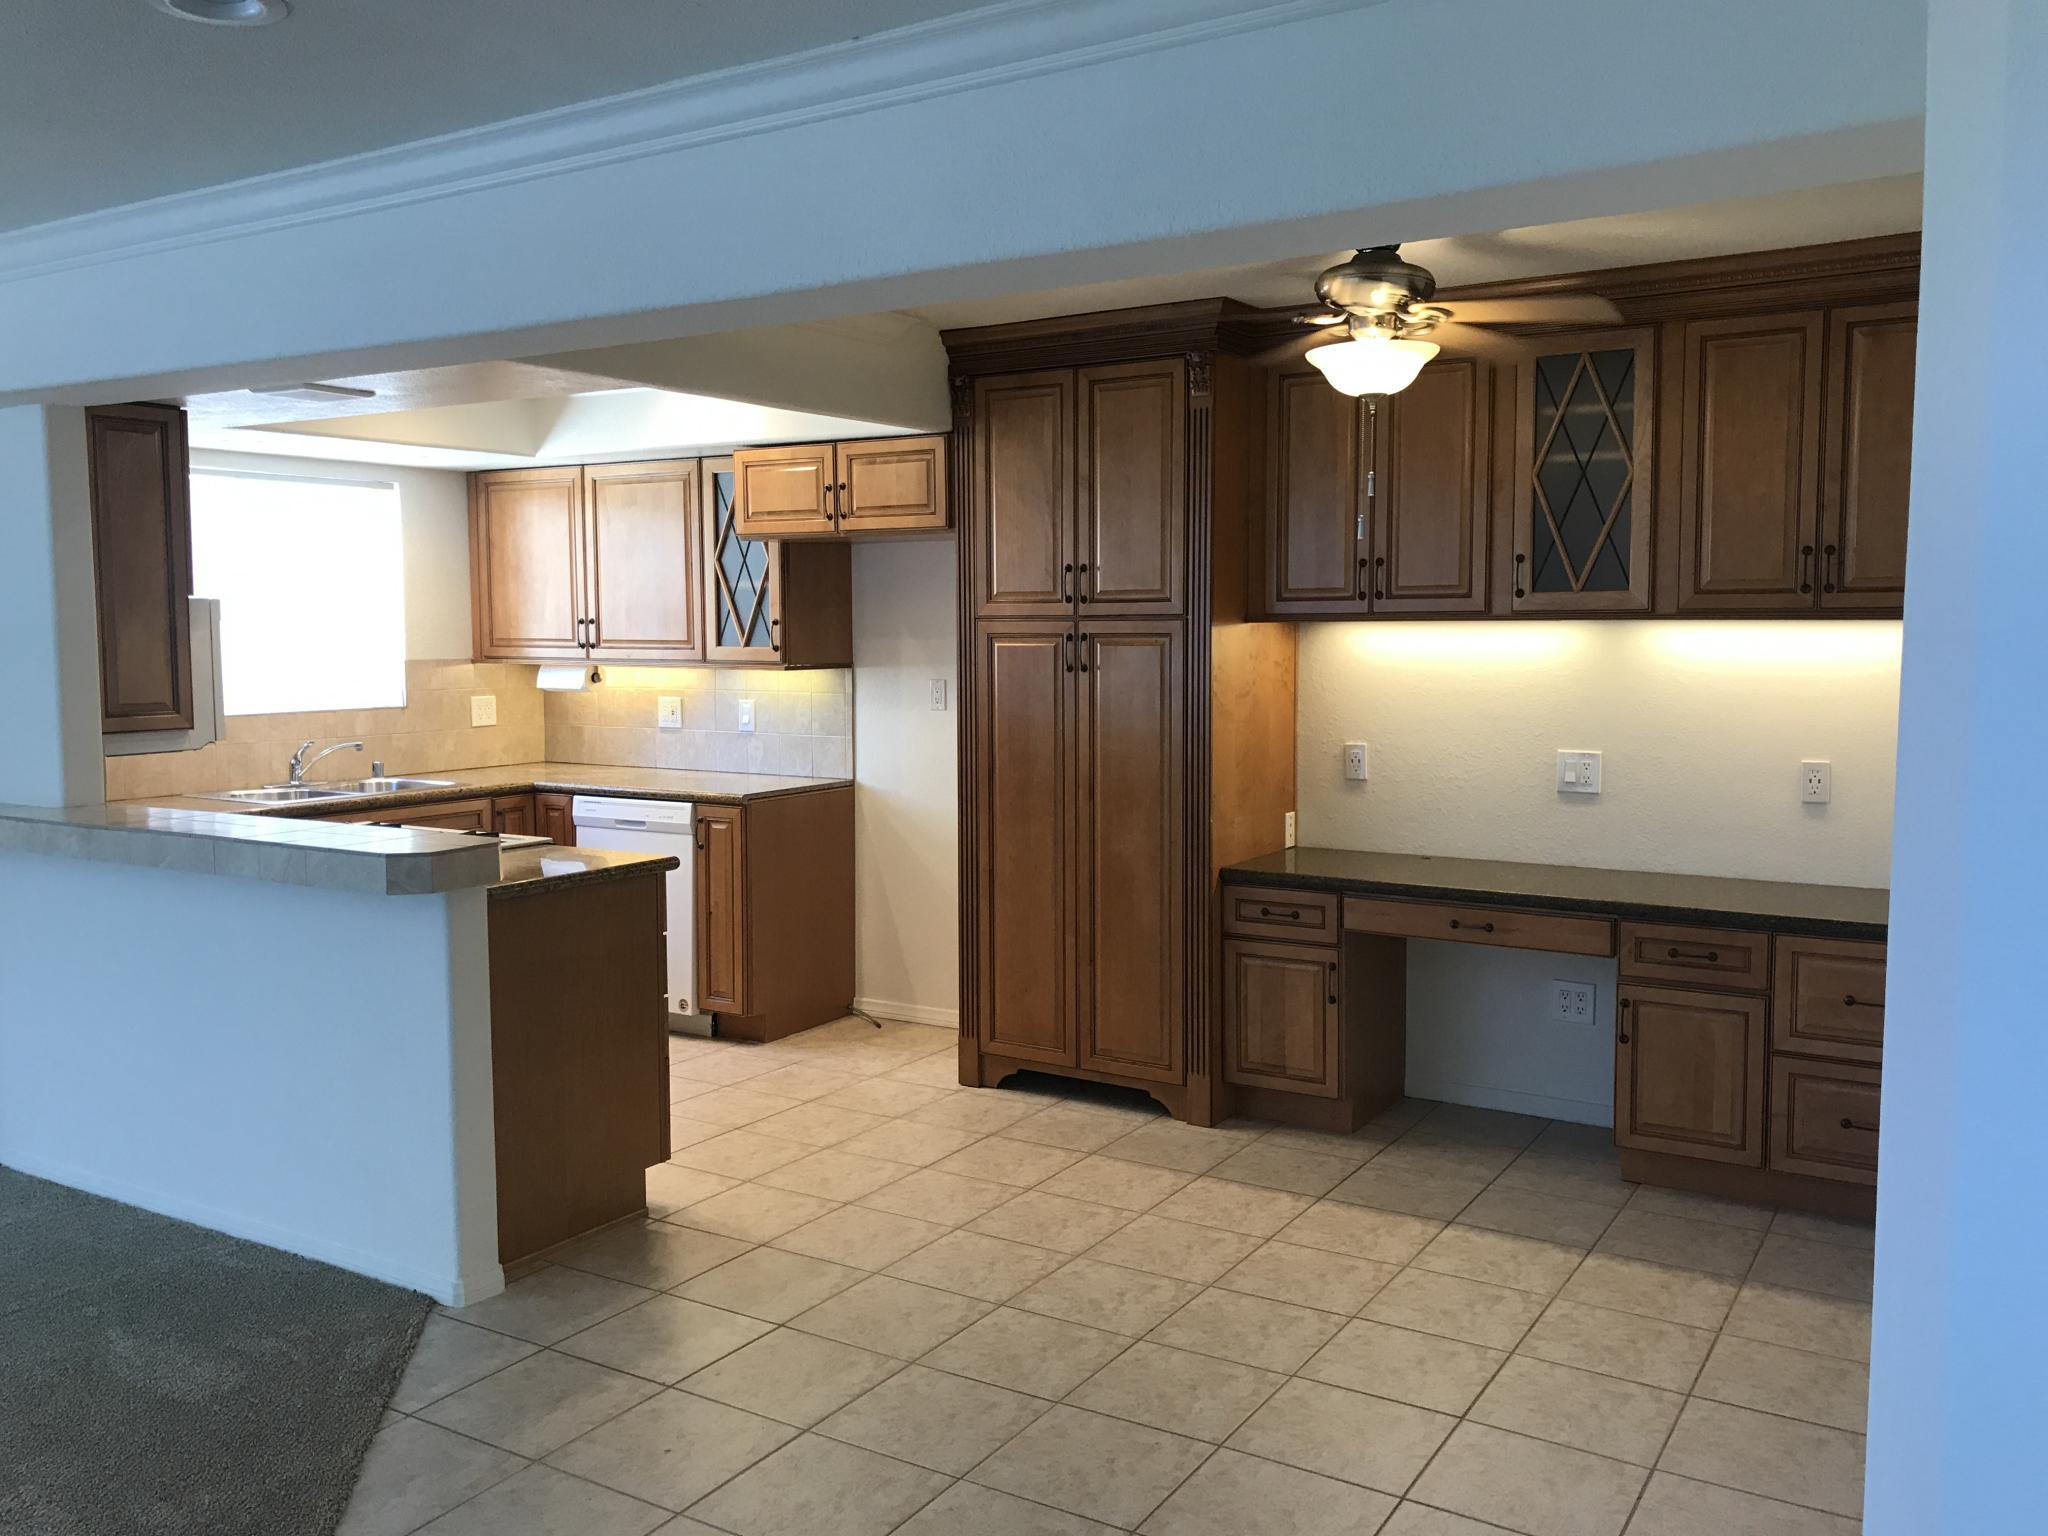 5082 Dunbar Dr, Huntington Beach, CA 92649 For Rent | Trulia